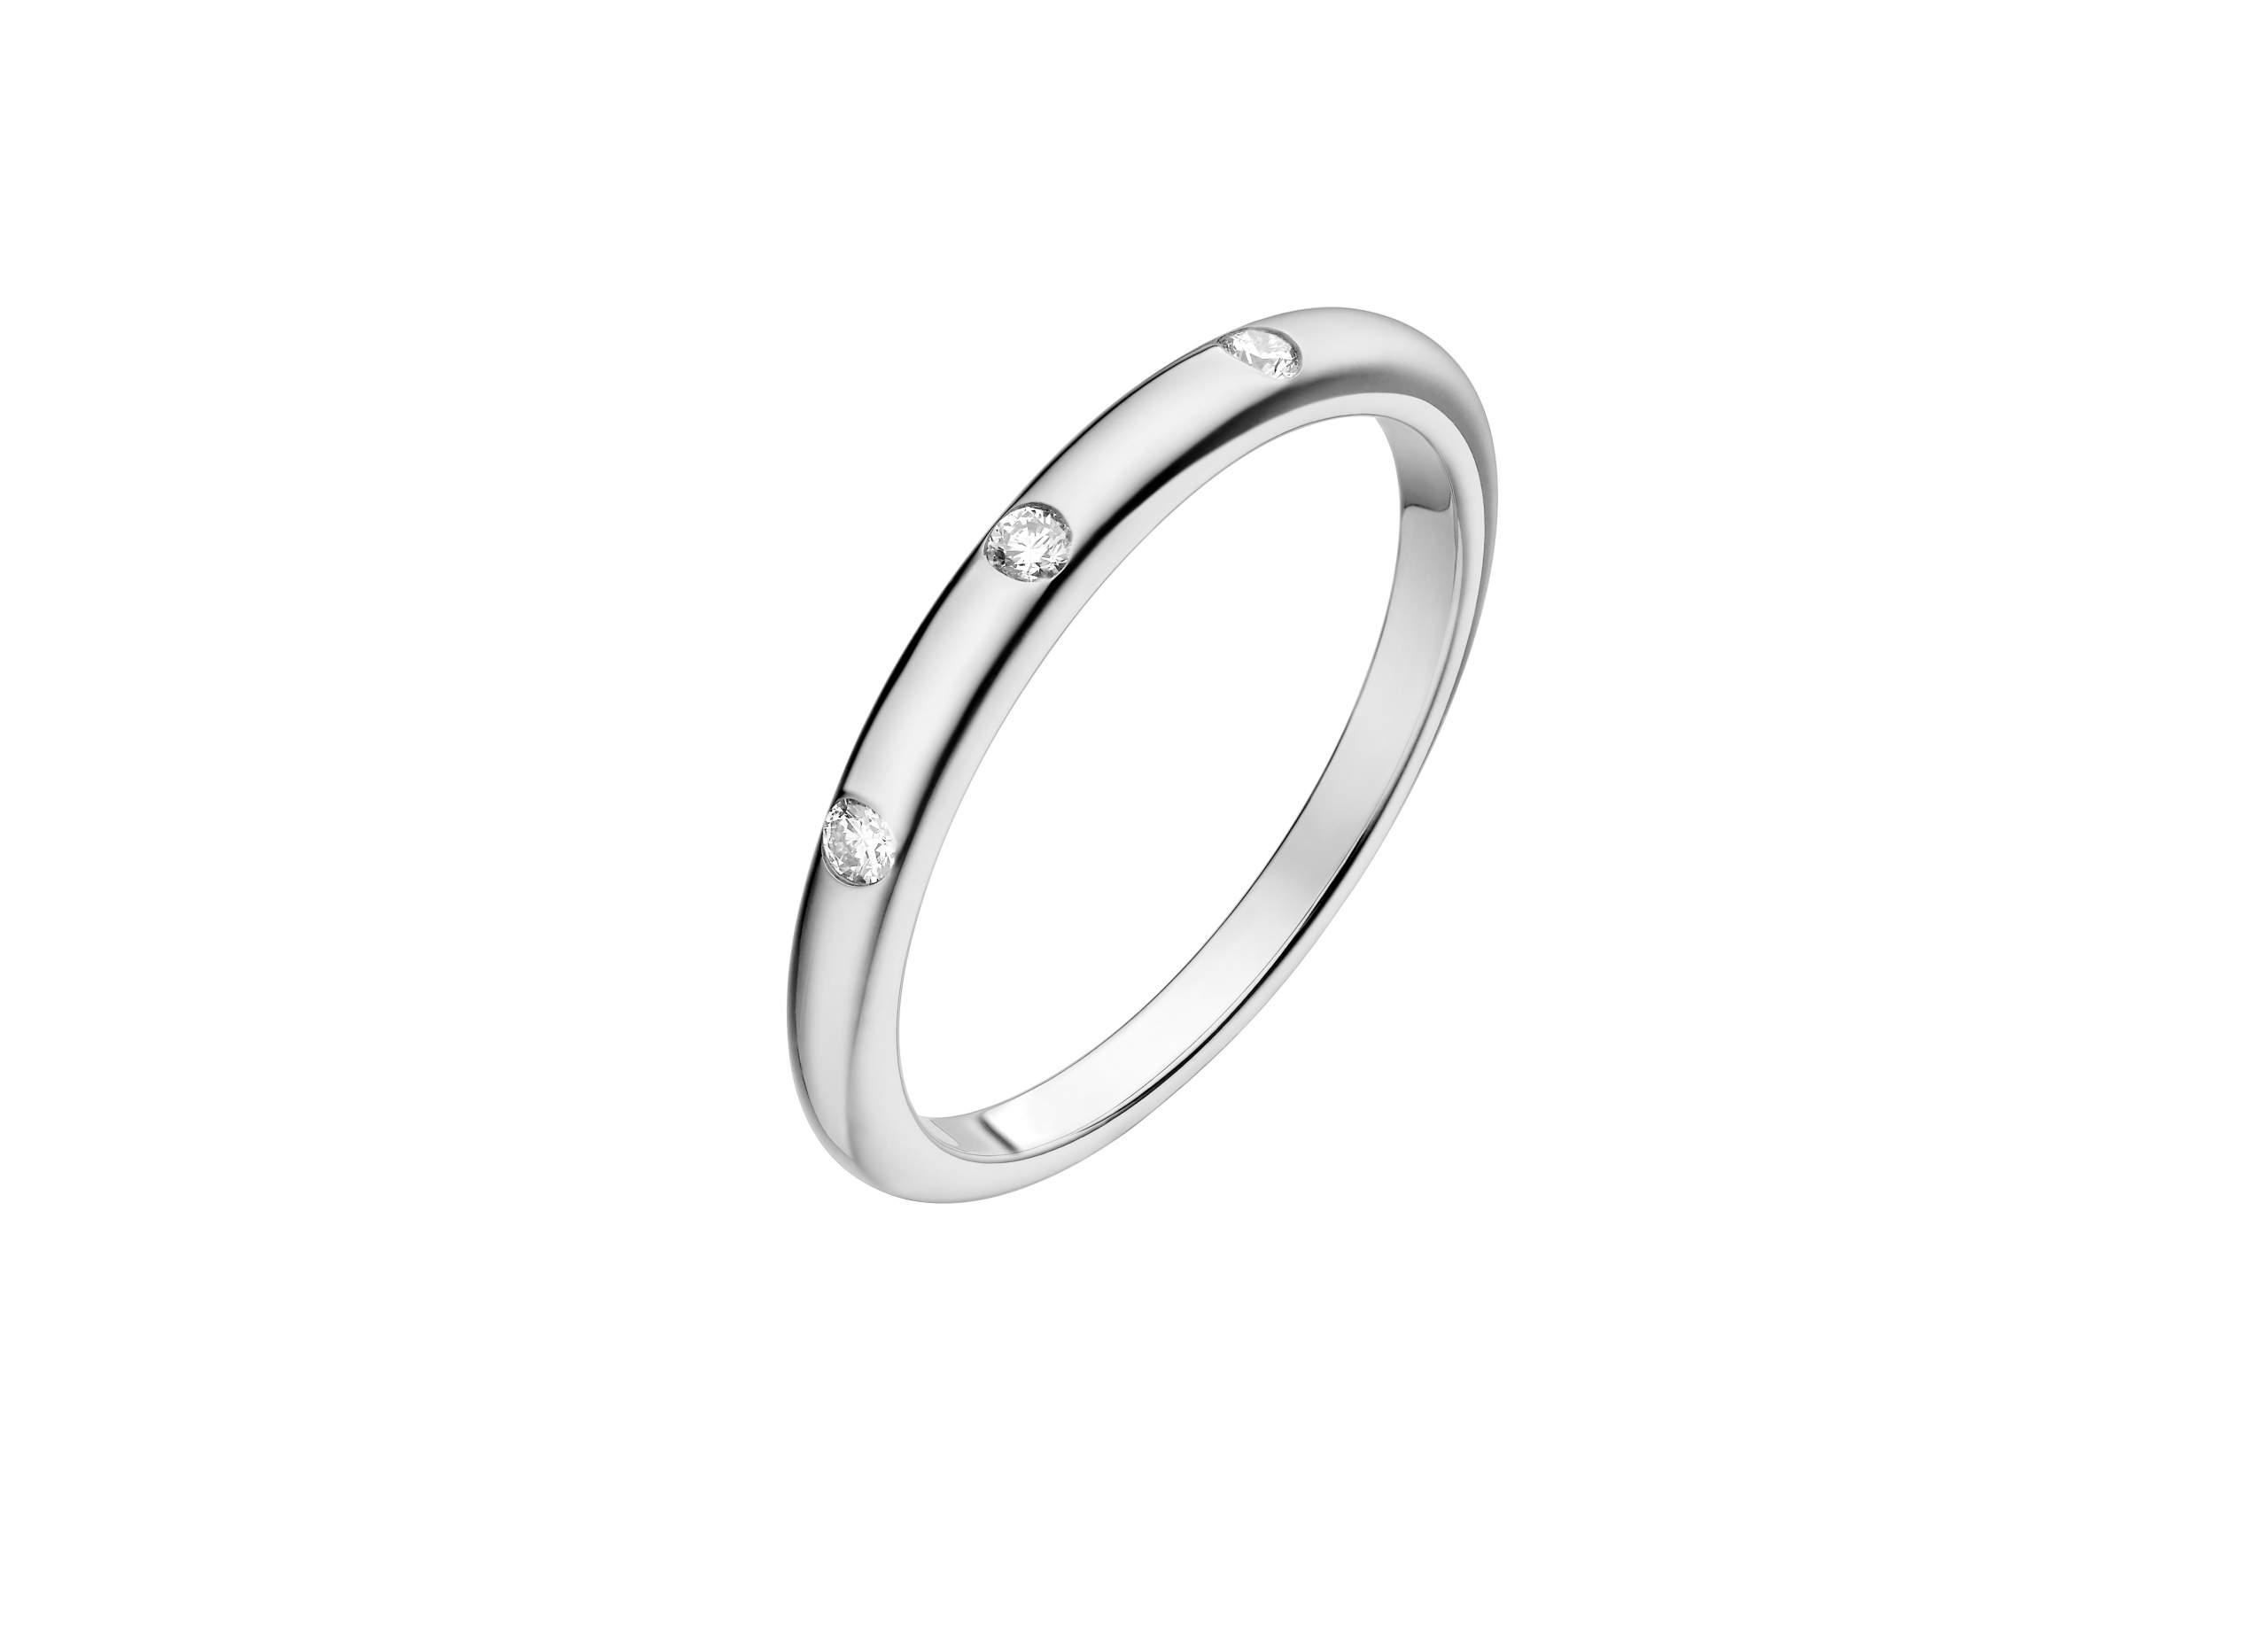 ダイアモンドを3石をはめ込んだ指輪